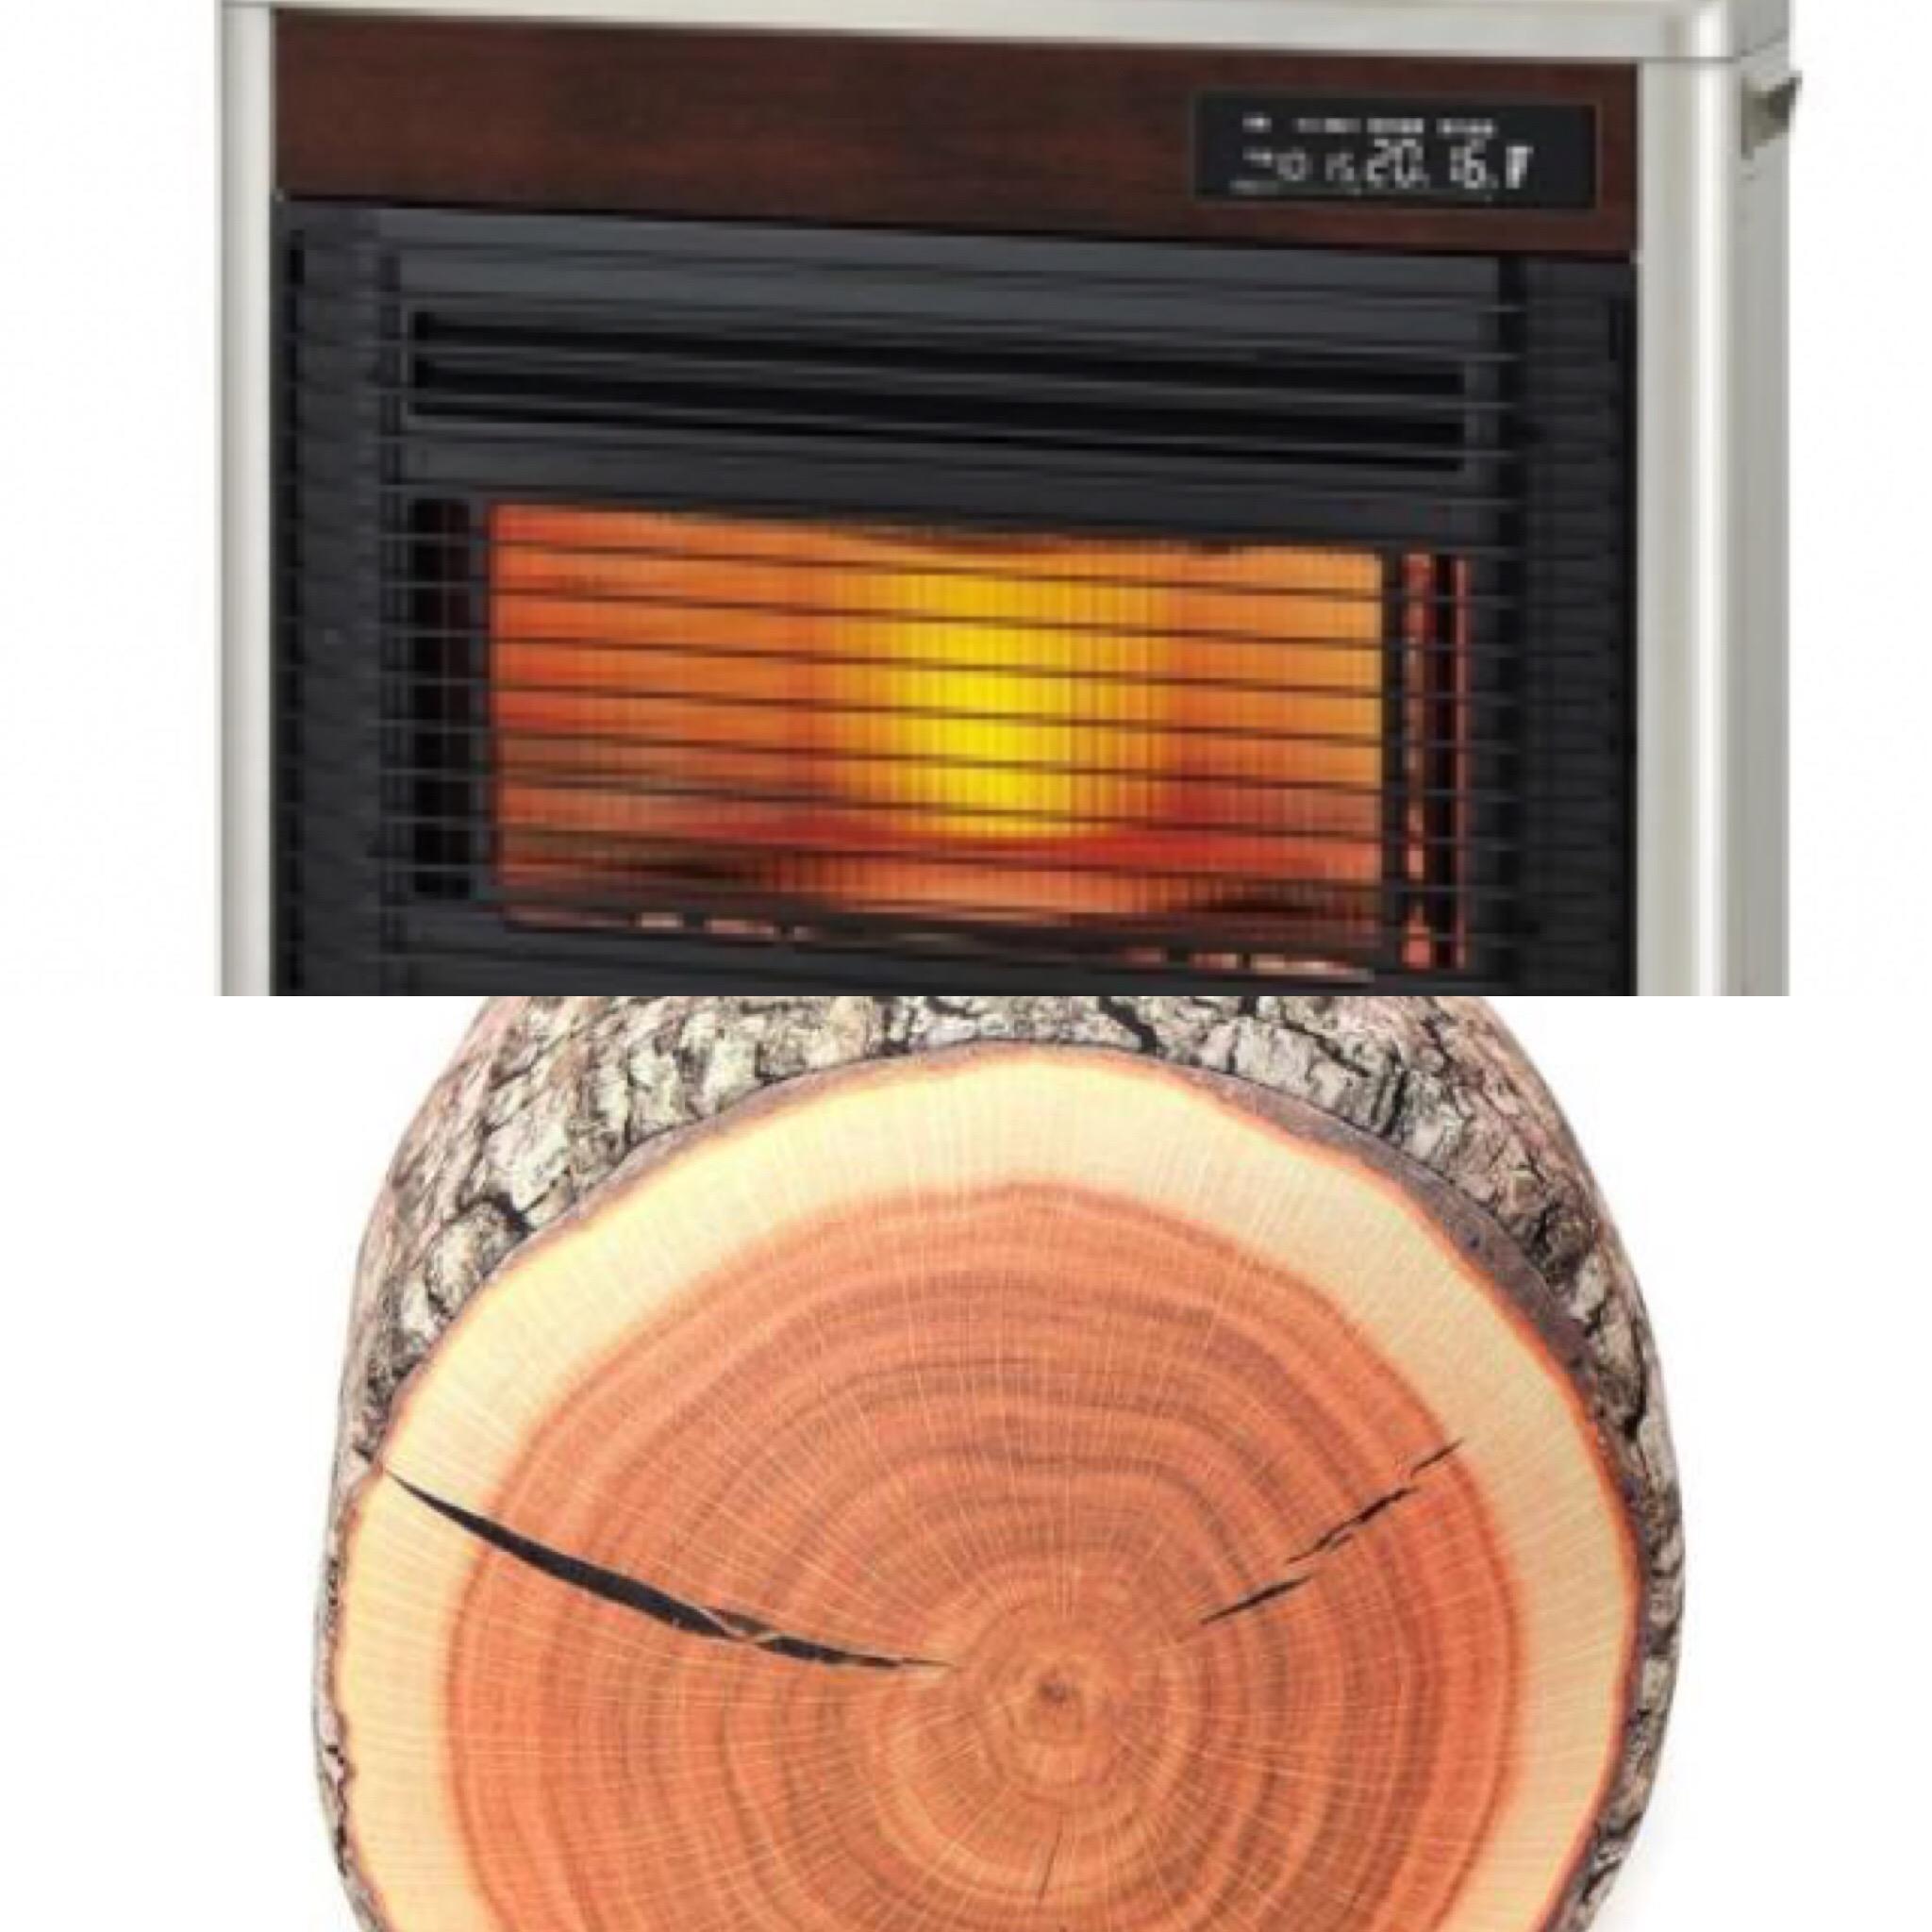 sugurustore-heater